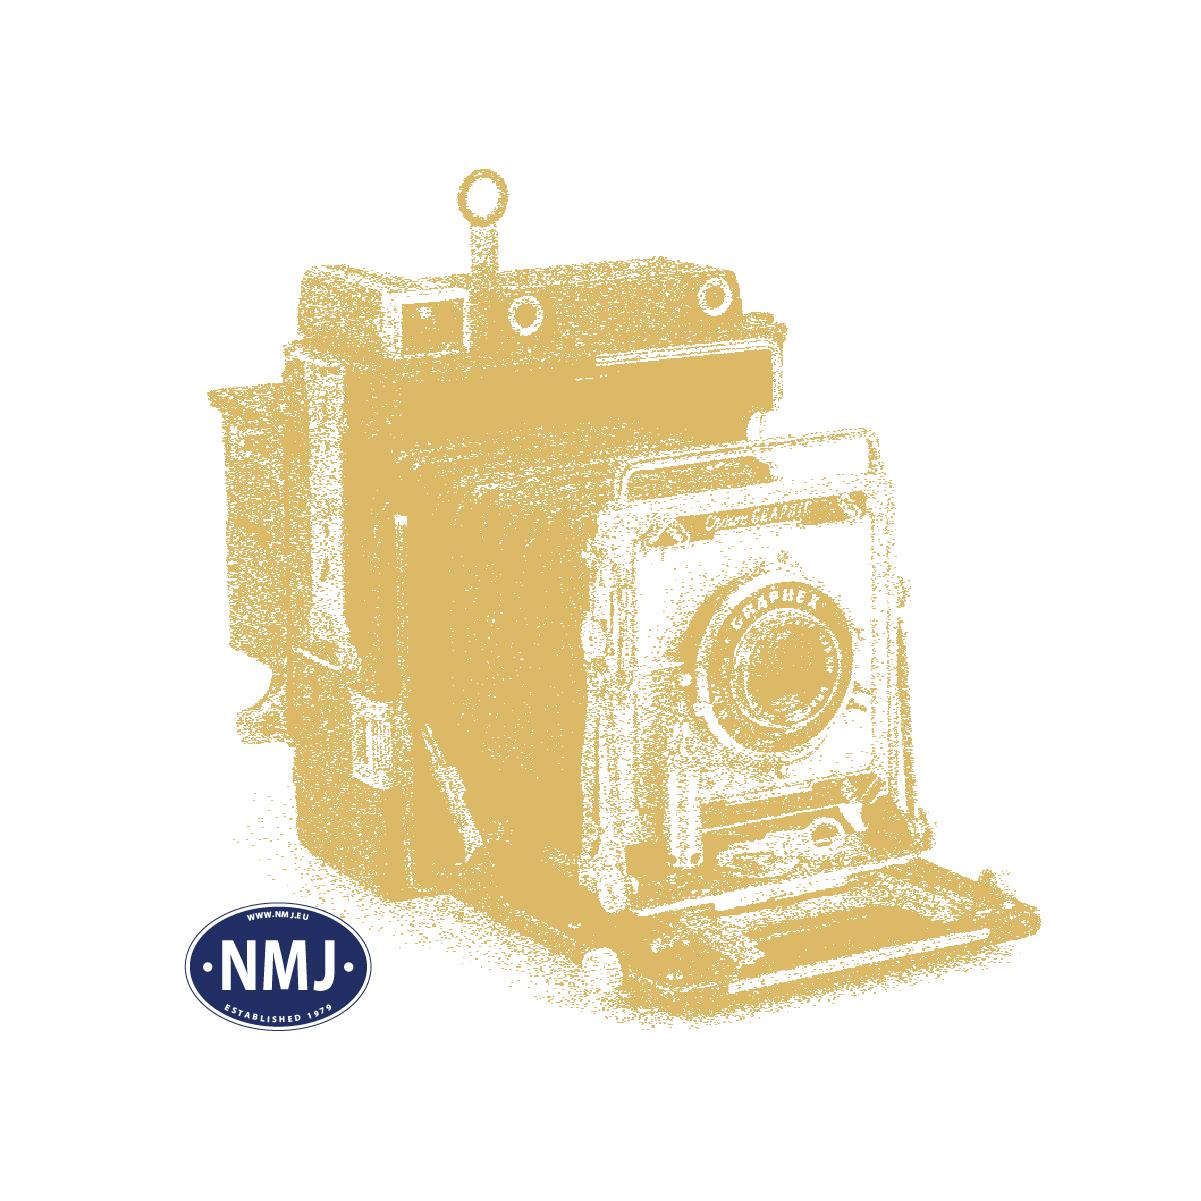 NMJT86.101 - NMJ Zugpaket: NSB El11 und 8 Güterwagen, 1952 - 1971, DC